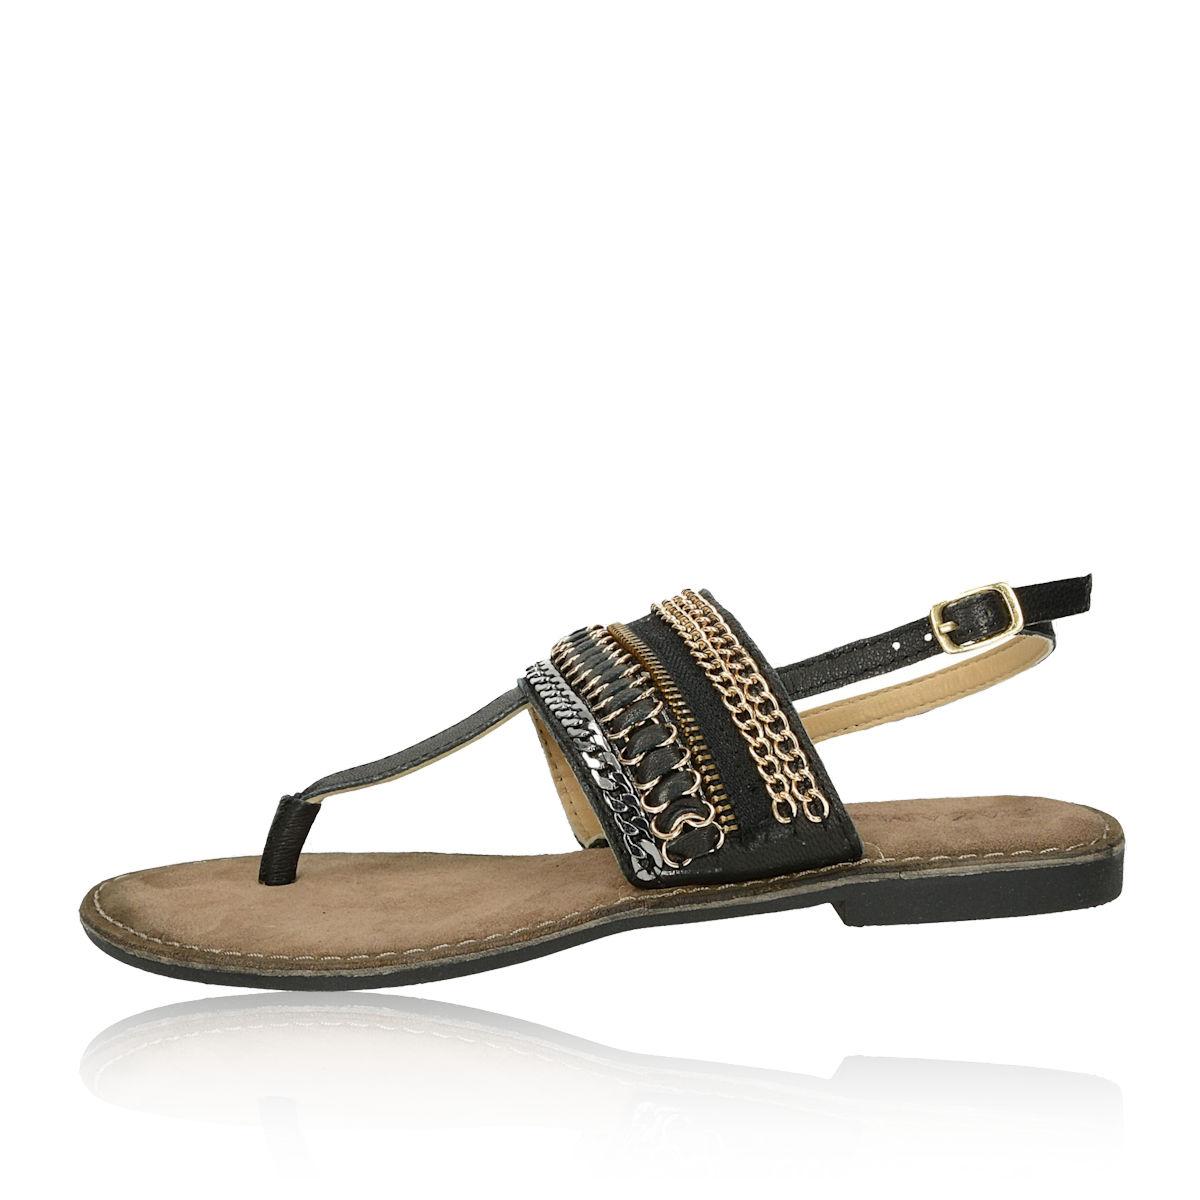 5fffadec03d6 ... Lazamani dámske elegantné sandále s ozdobnými prvkami - čierne ...